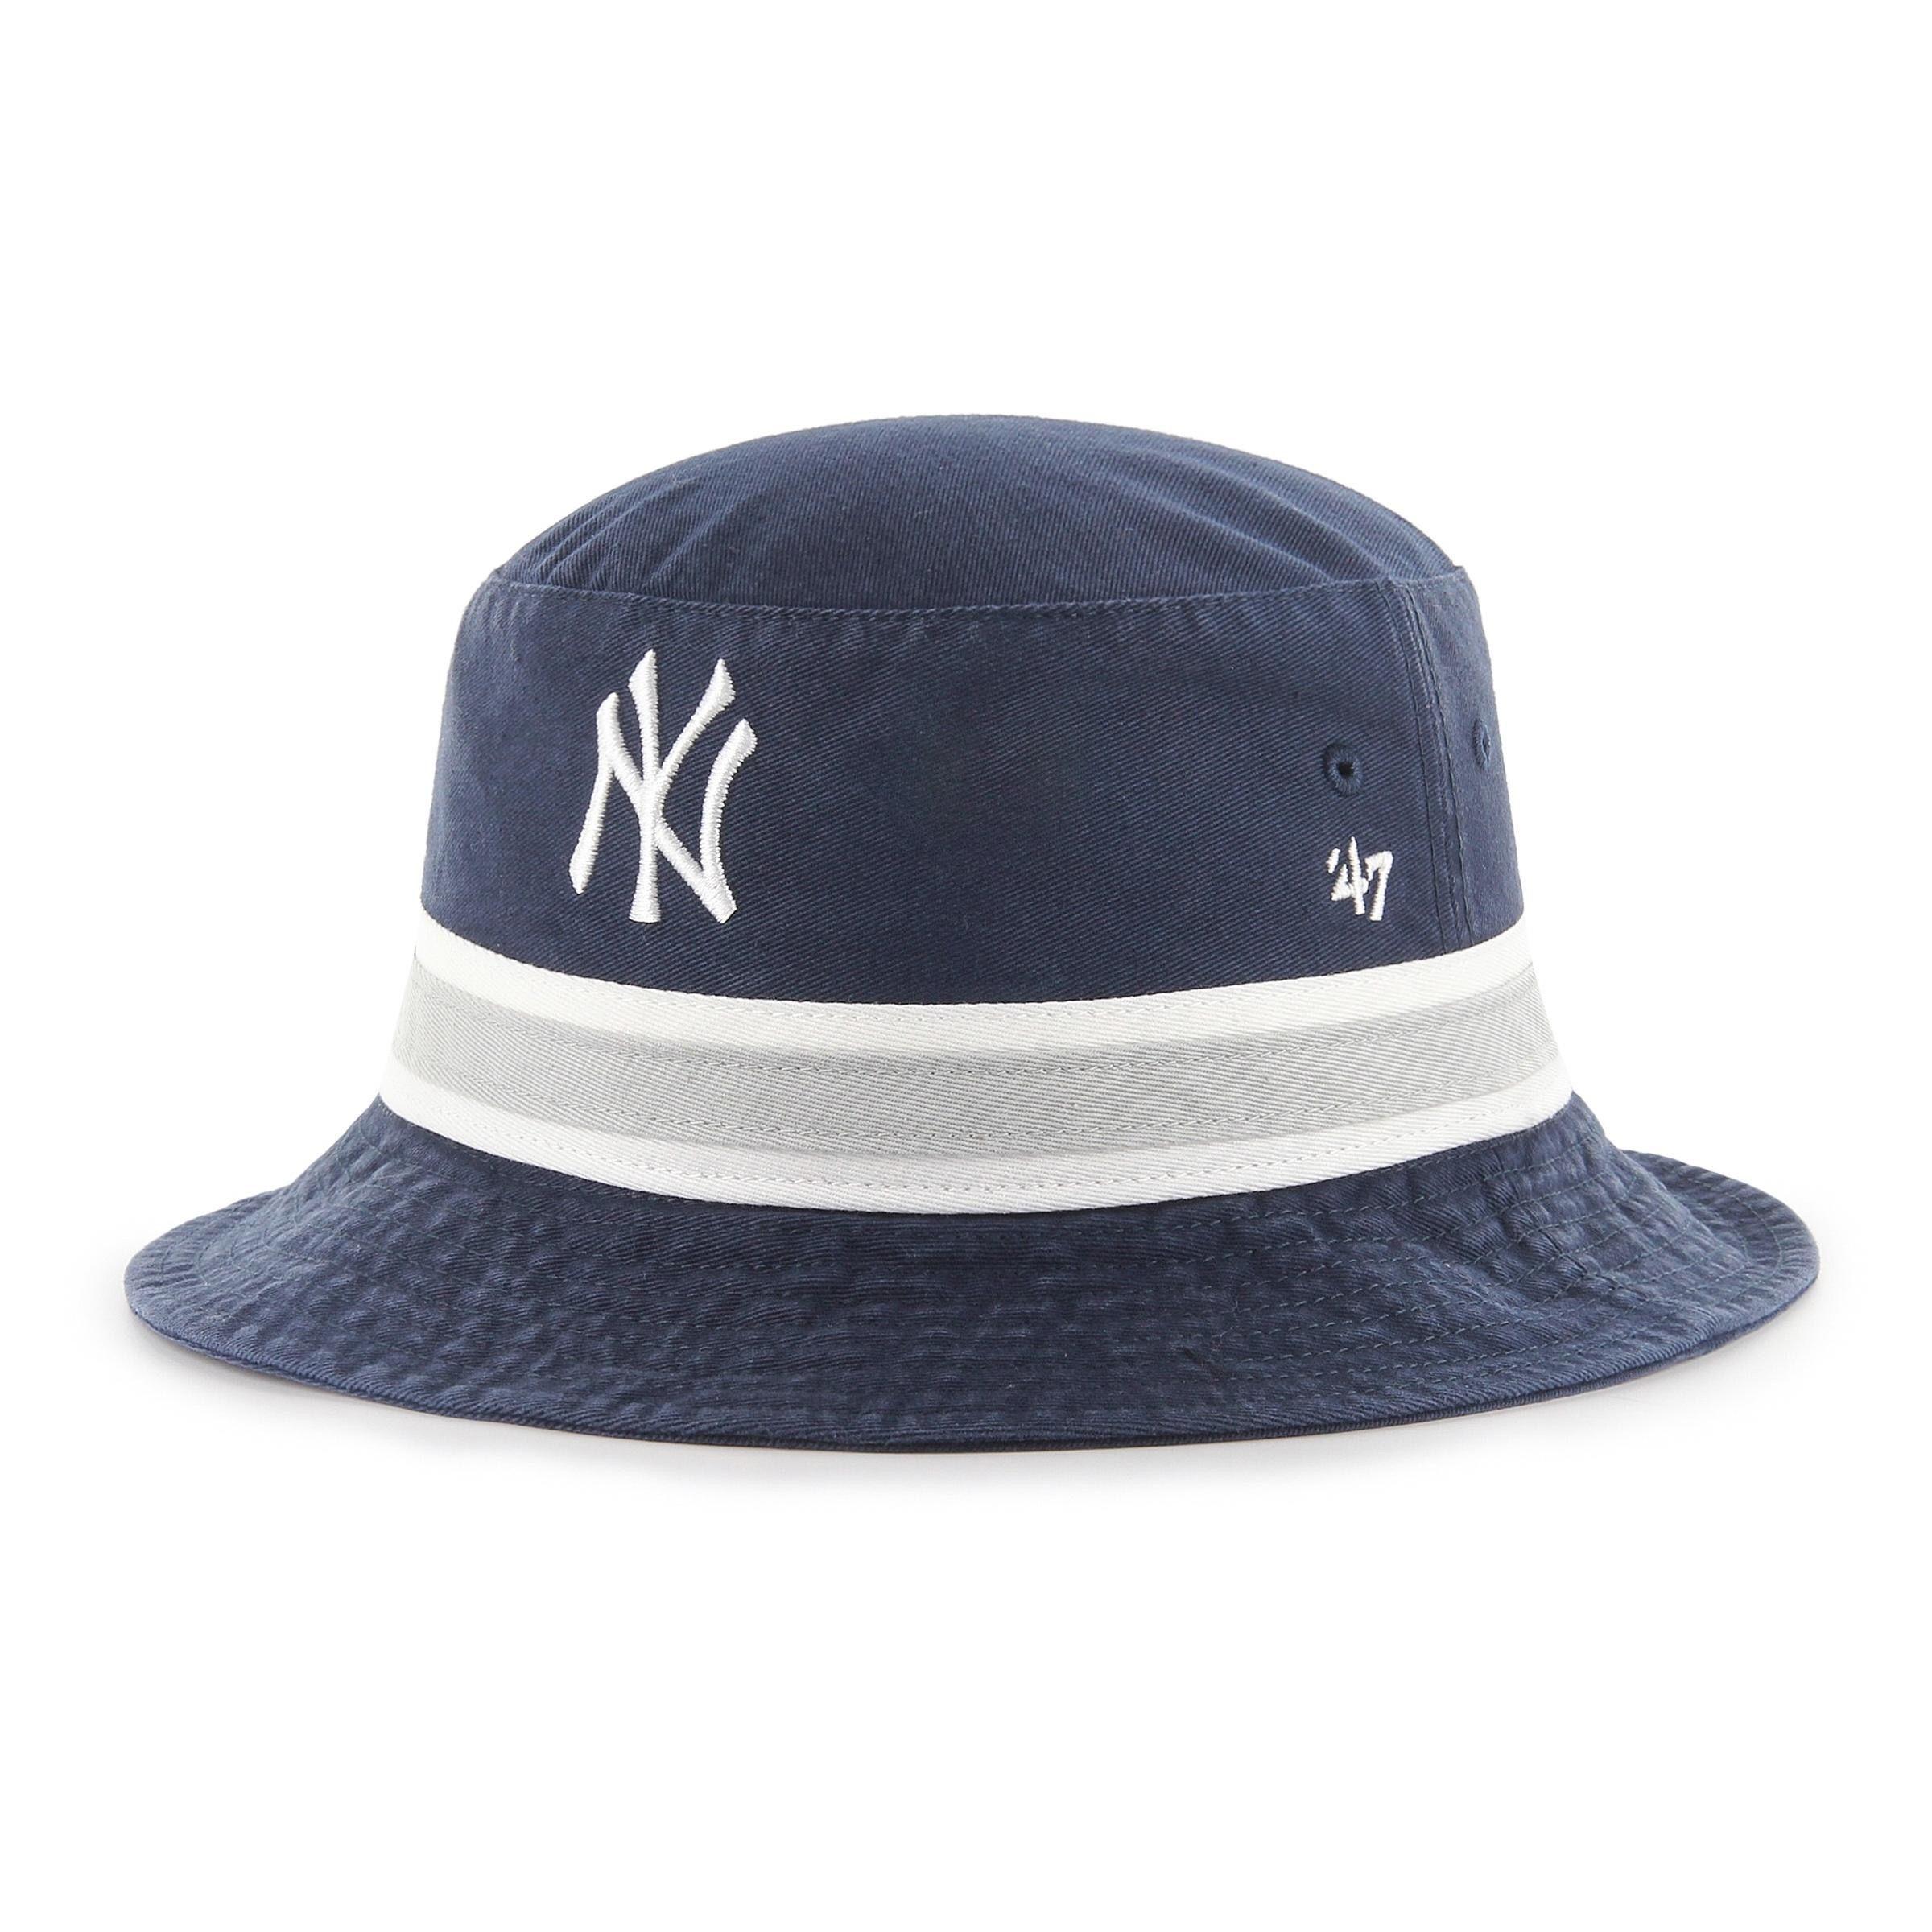 Mlb New York Yankees Navy Striped 47 Bucket Fran 47 Brand Tillverkad I 100 Bomull Nykeps Nycap Bucket Kepsmagasinet Klarna I 2020 New York Yankees Mlb Keps